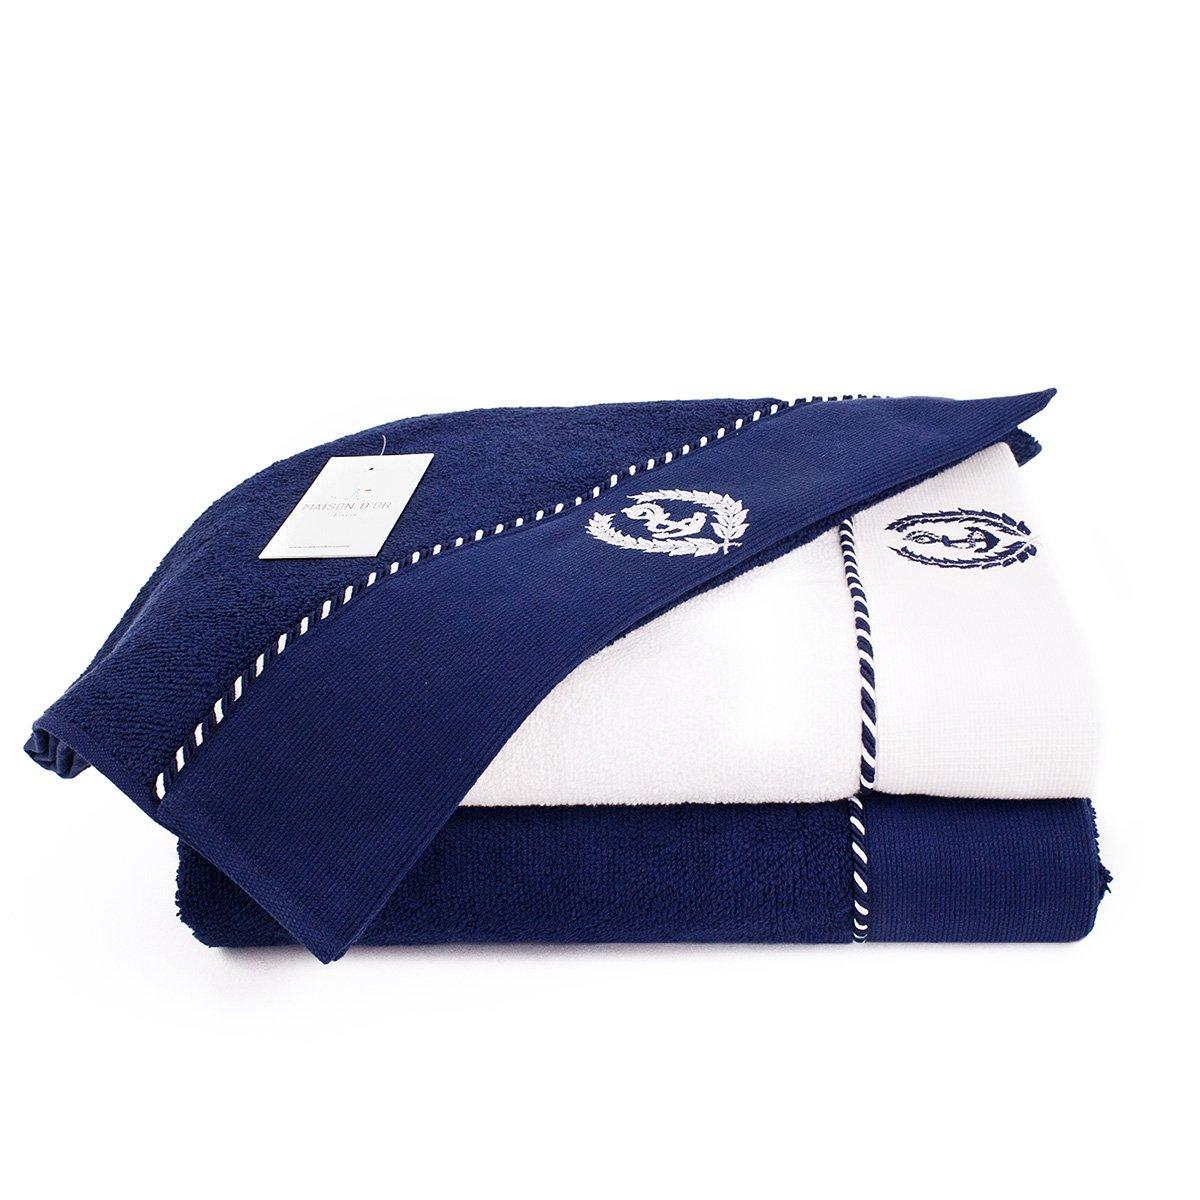 Полотенца махровые Michel sailing Maison dor